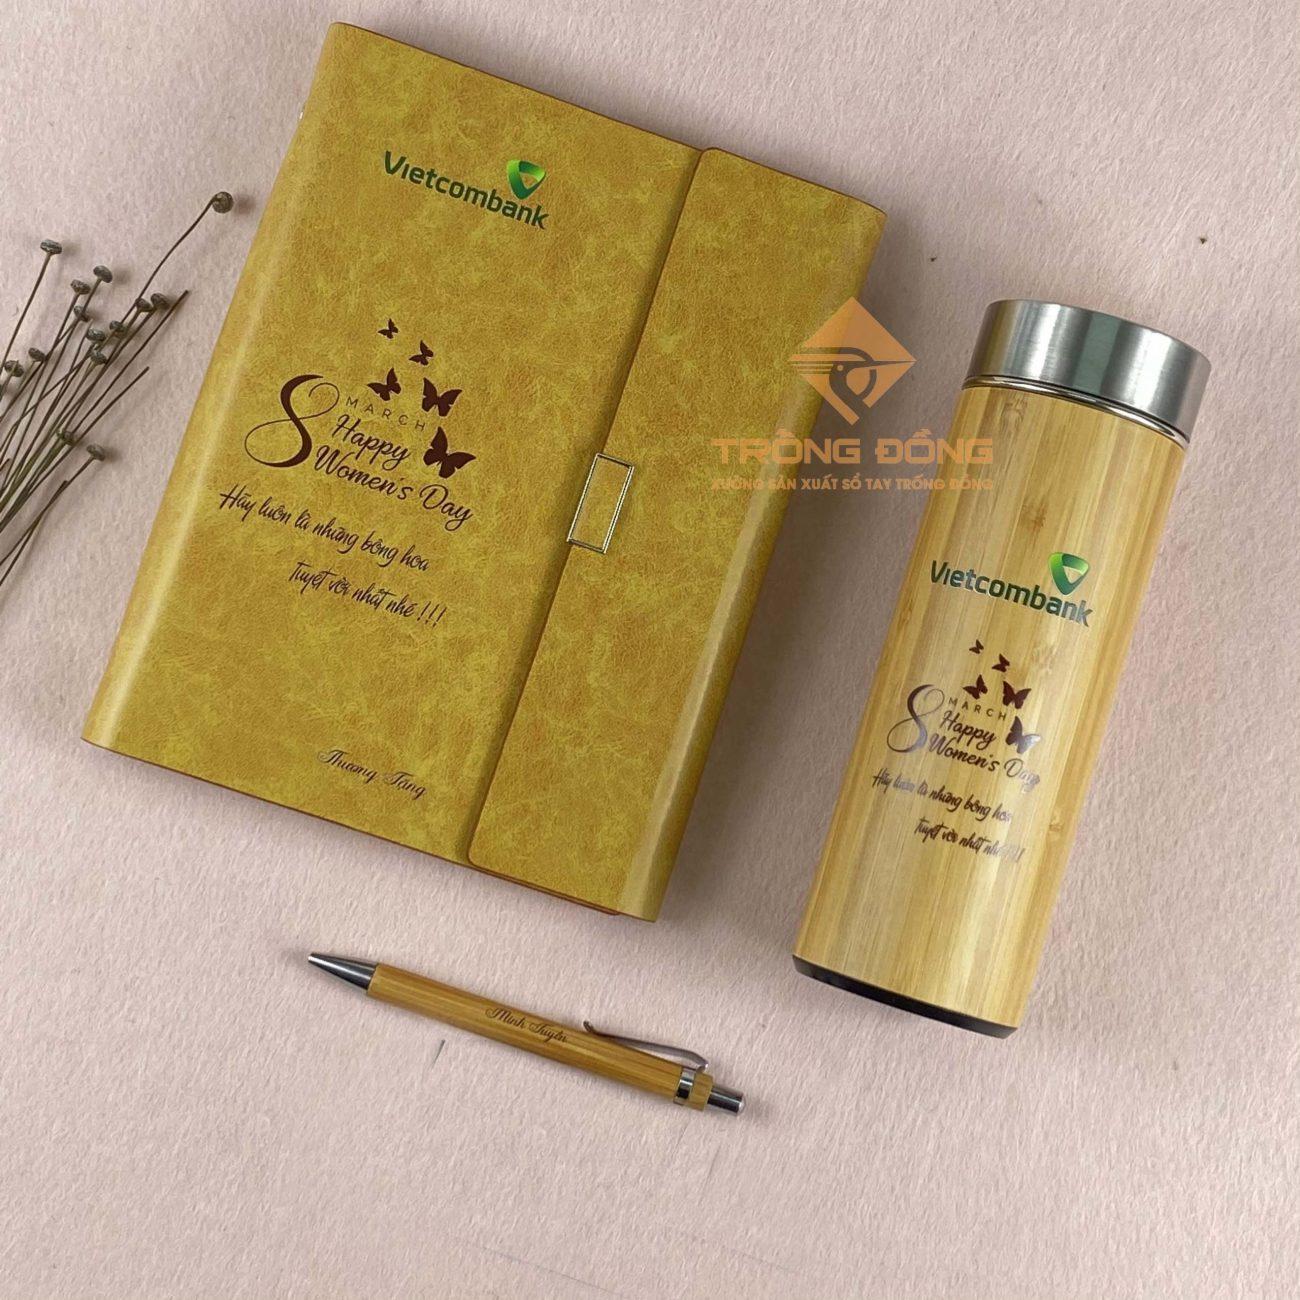 Bộ Giftset 8/3 gồm 3 món gồm sổ tay bìa da, bình giữ nhiệt và bút gỗ in logo NH Vietcombank.